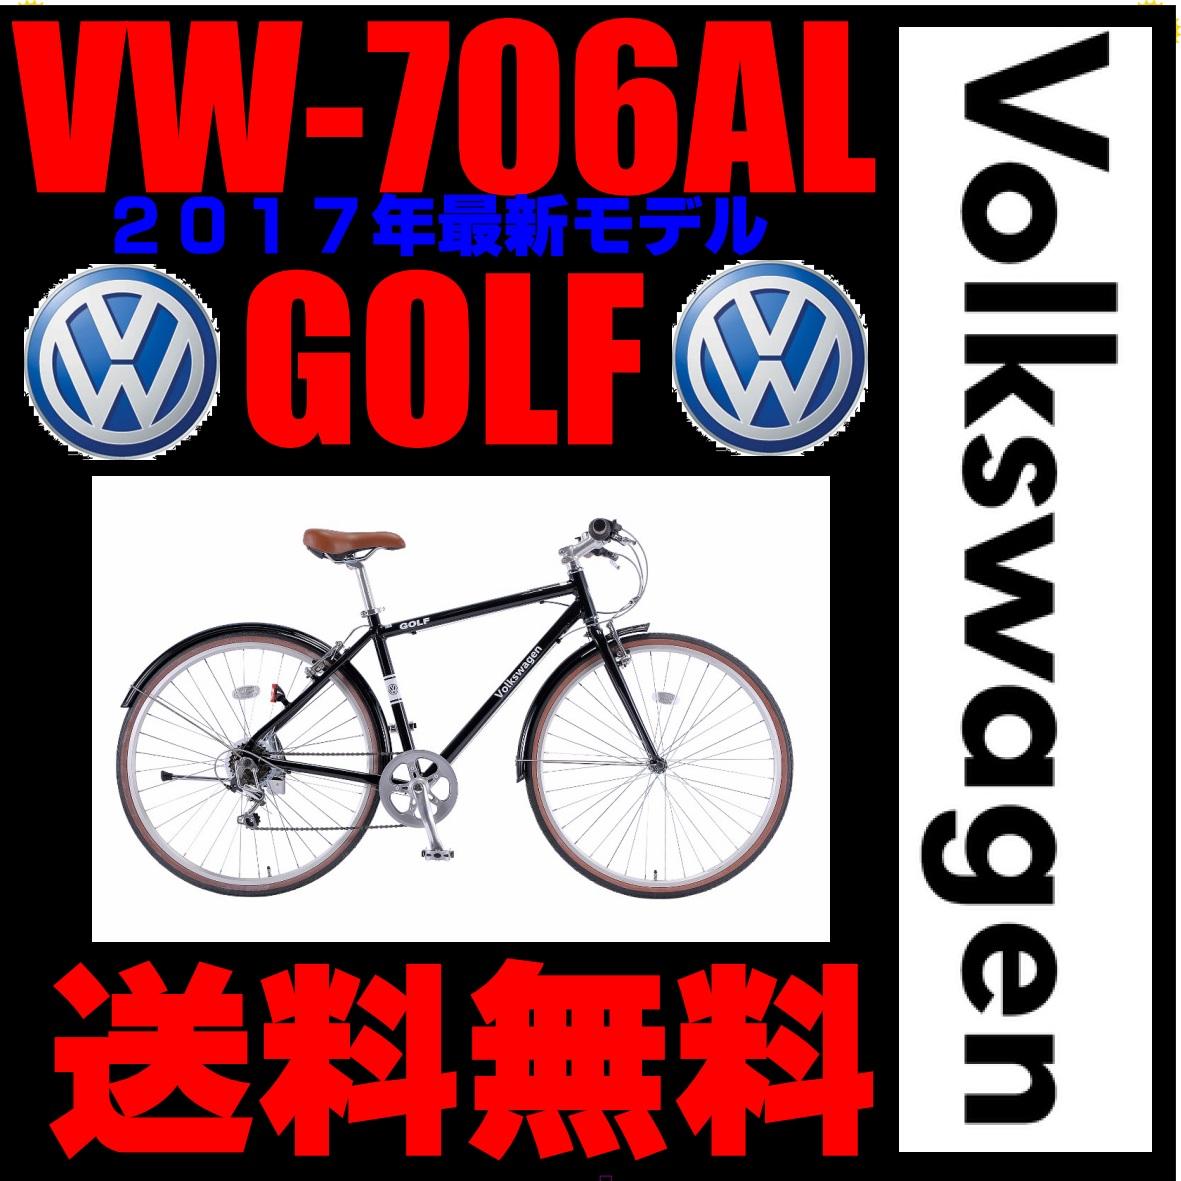 フォルクスワーゲン クロスバイク Volkswagen 自転車 ブラック 黒 700C 自転車 外装6段ギア フォルクスワーゲン VW-706AL GOLF ゴルフ